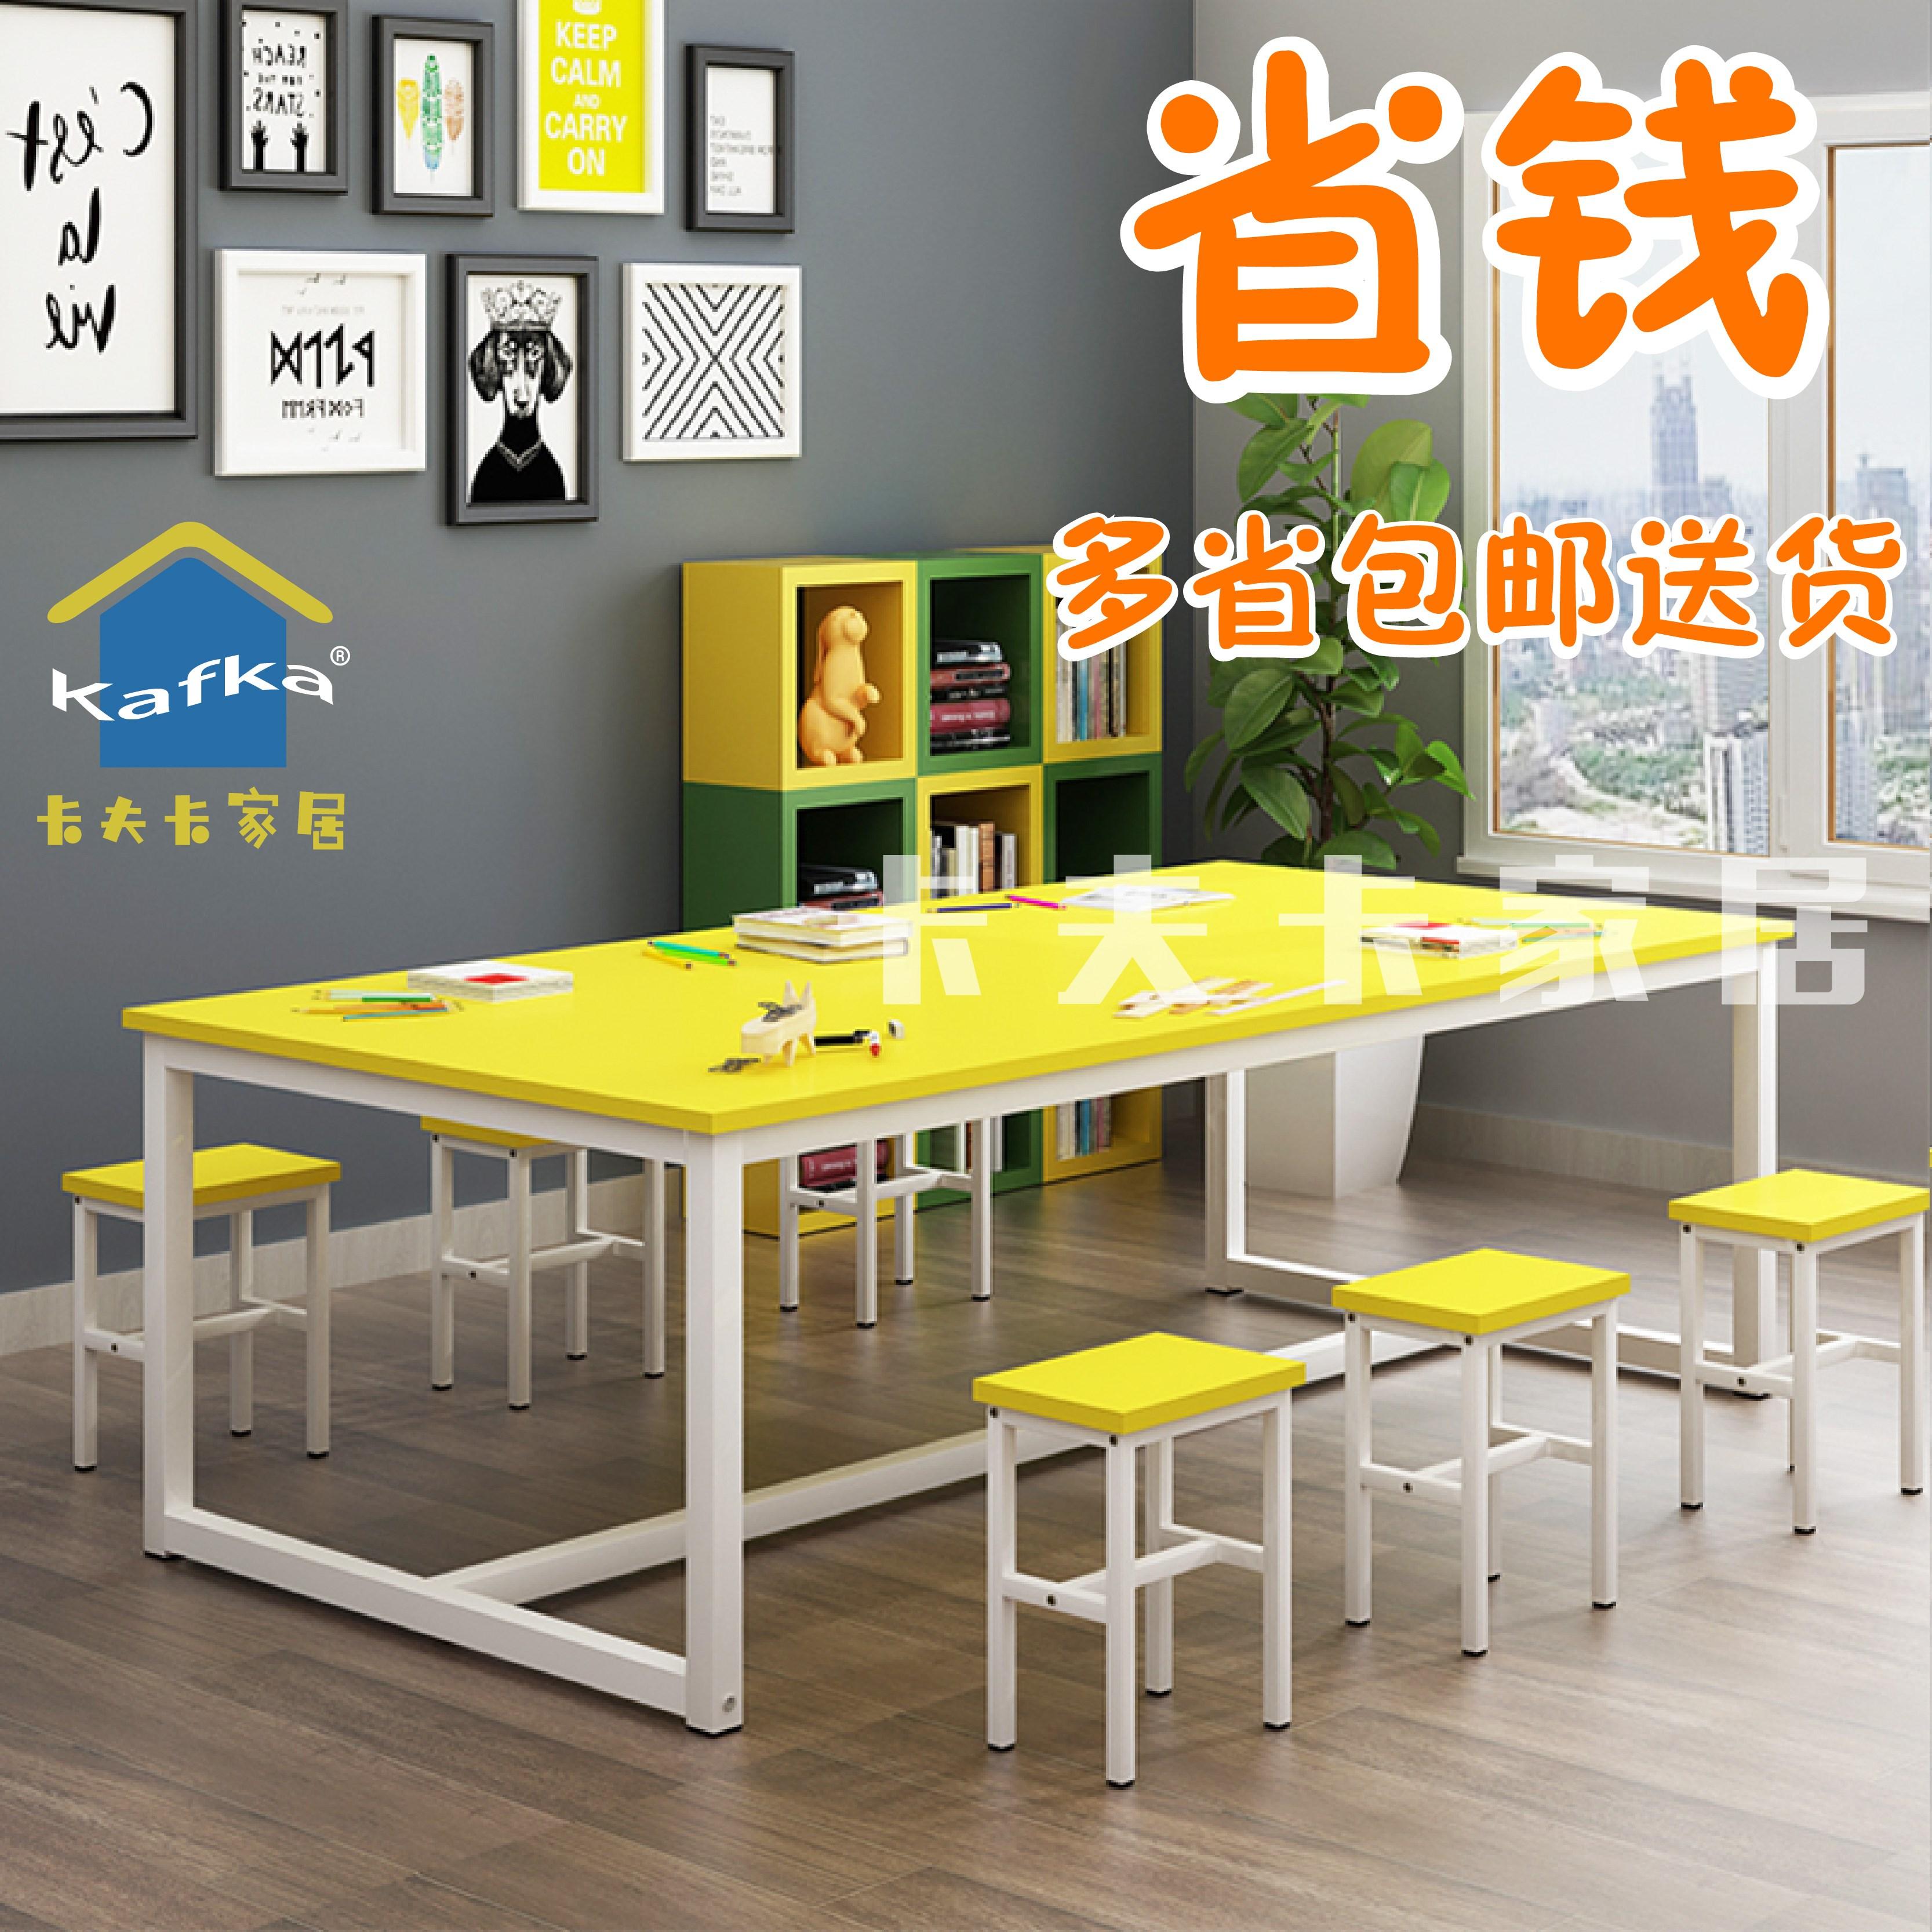 Школьная мебель Артикул 594724104698